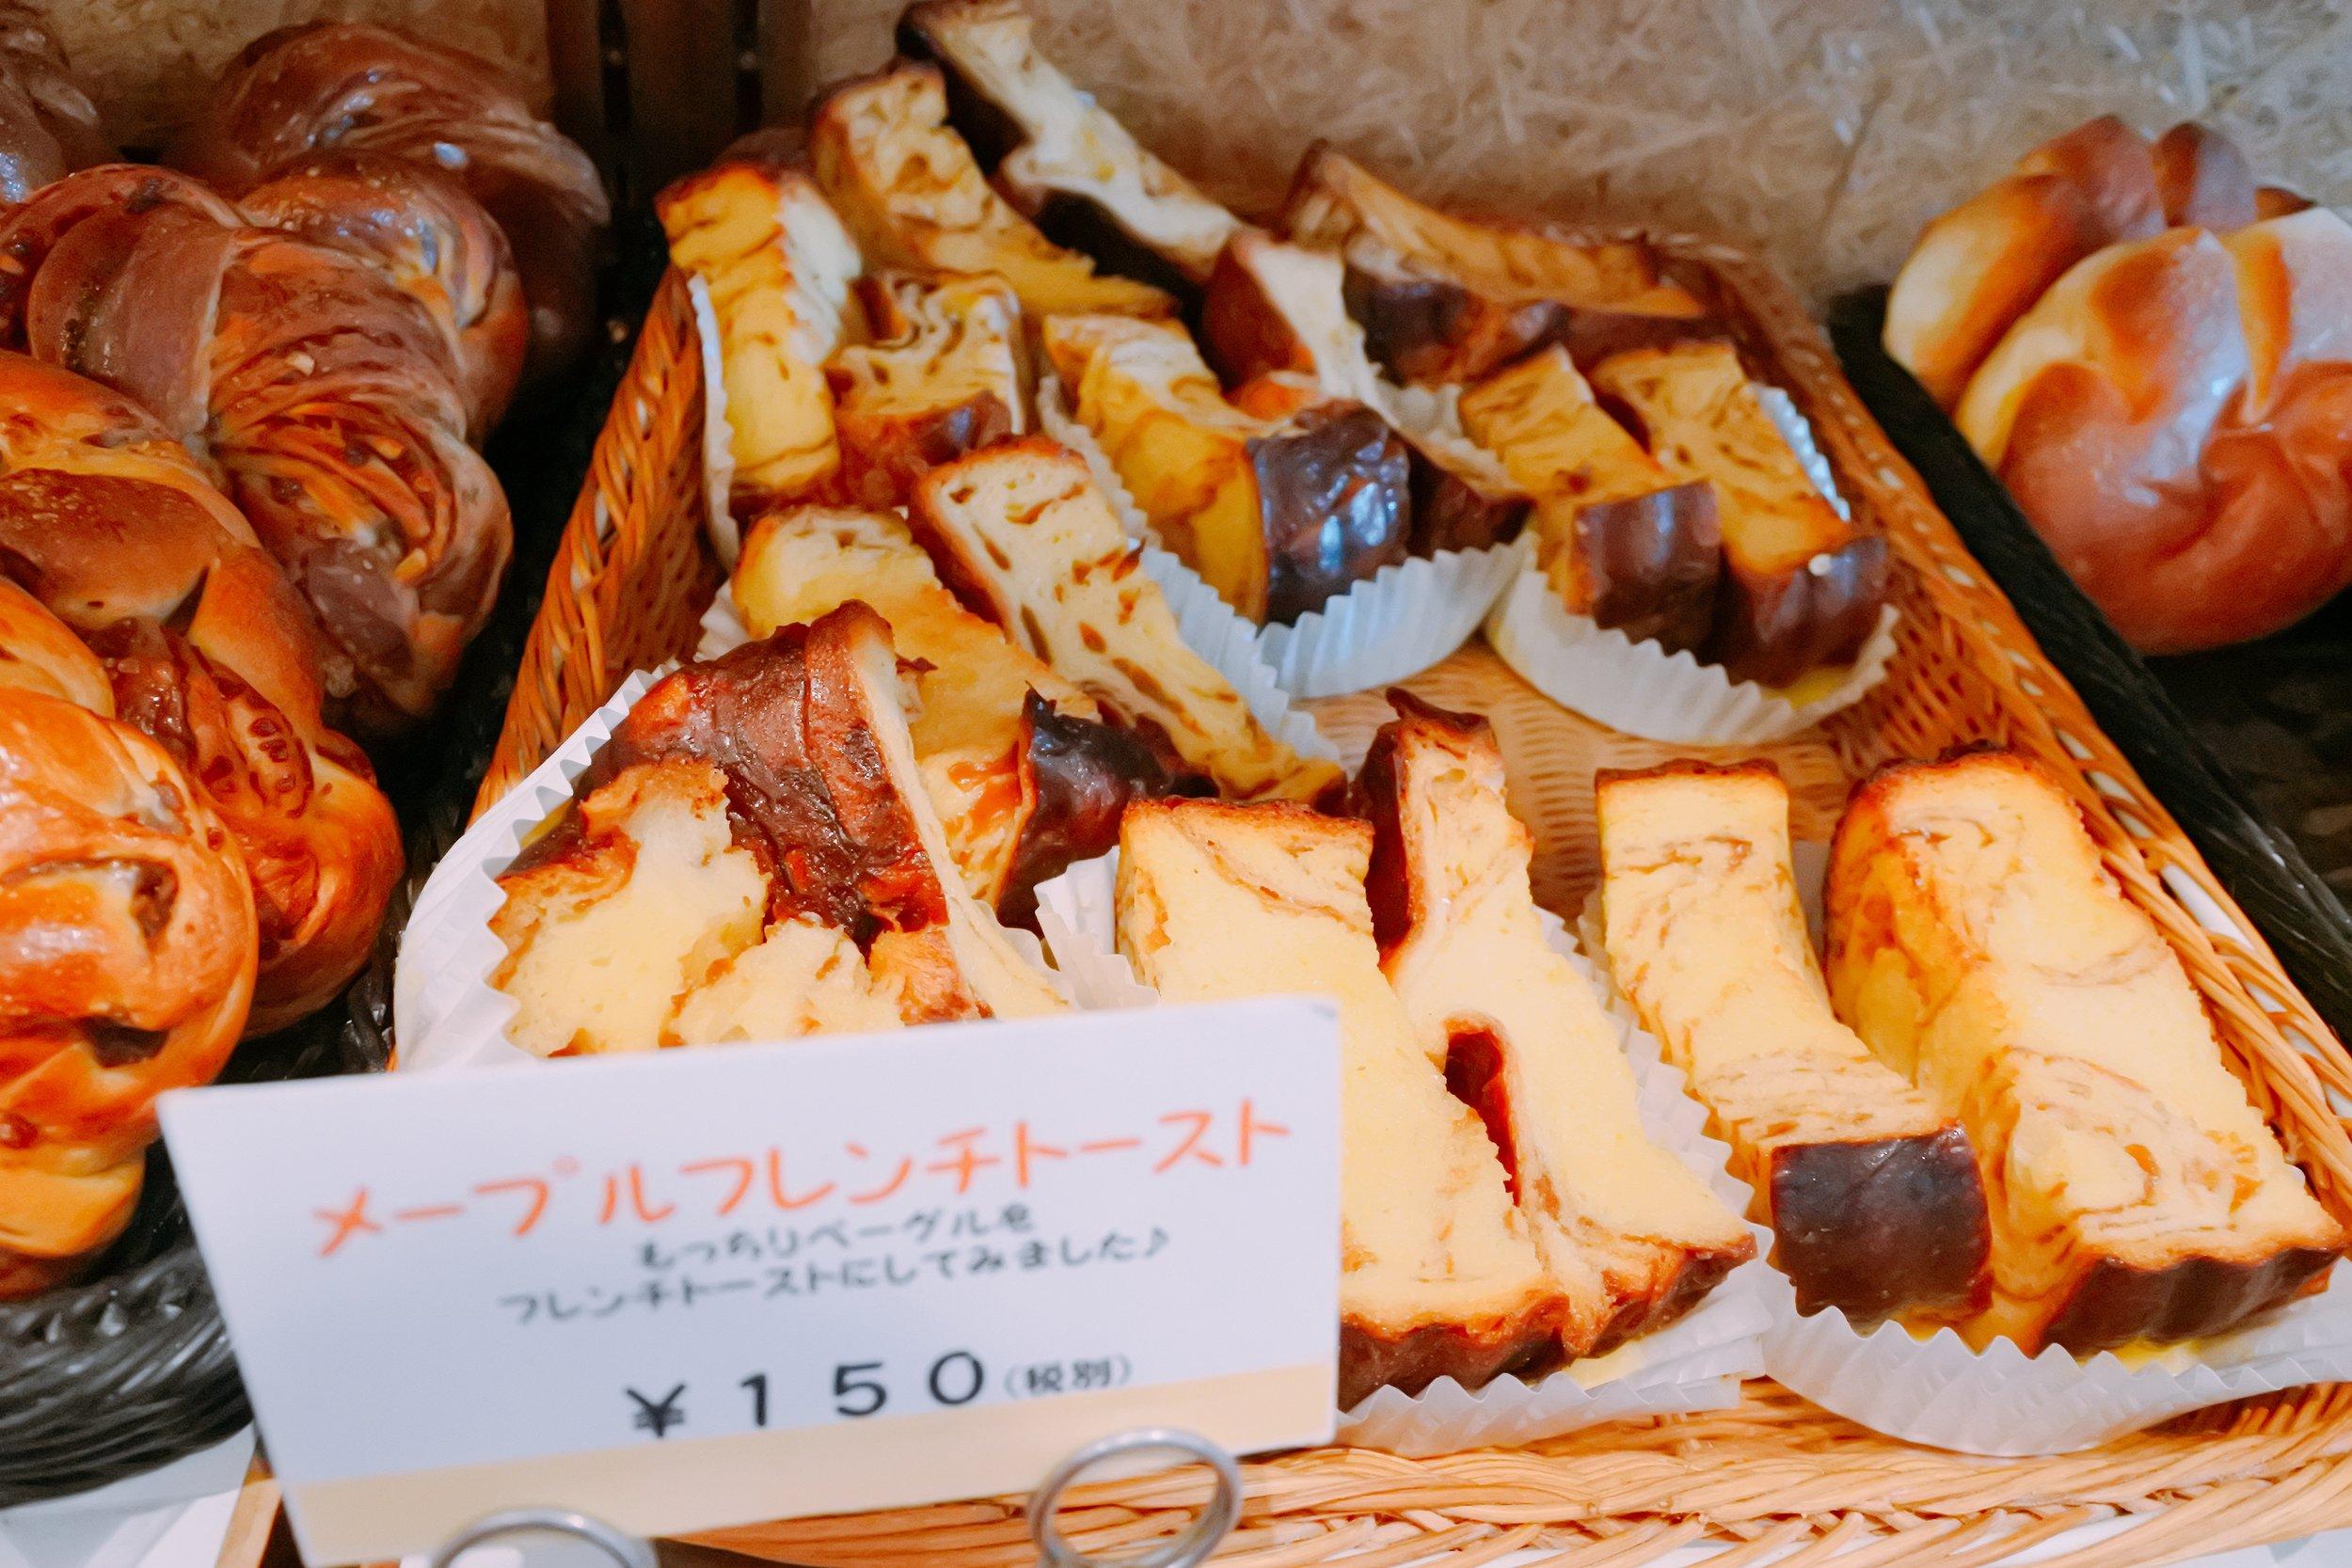 喜昇堂の「メープルフレンチトースト」